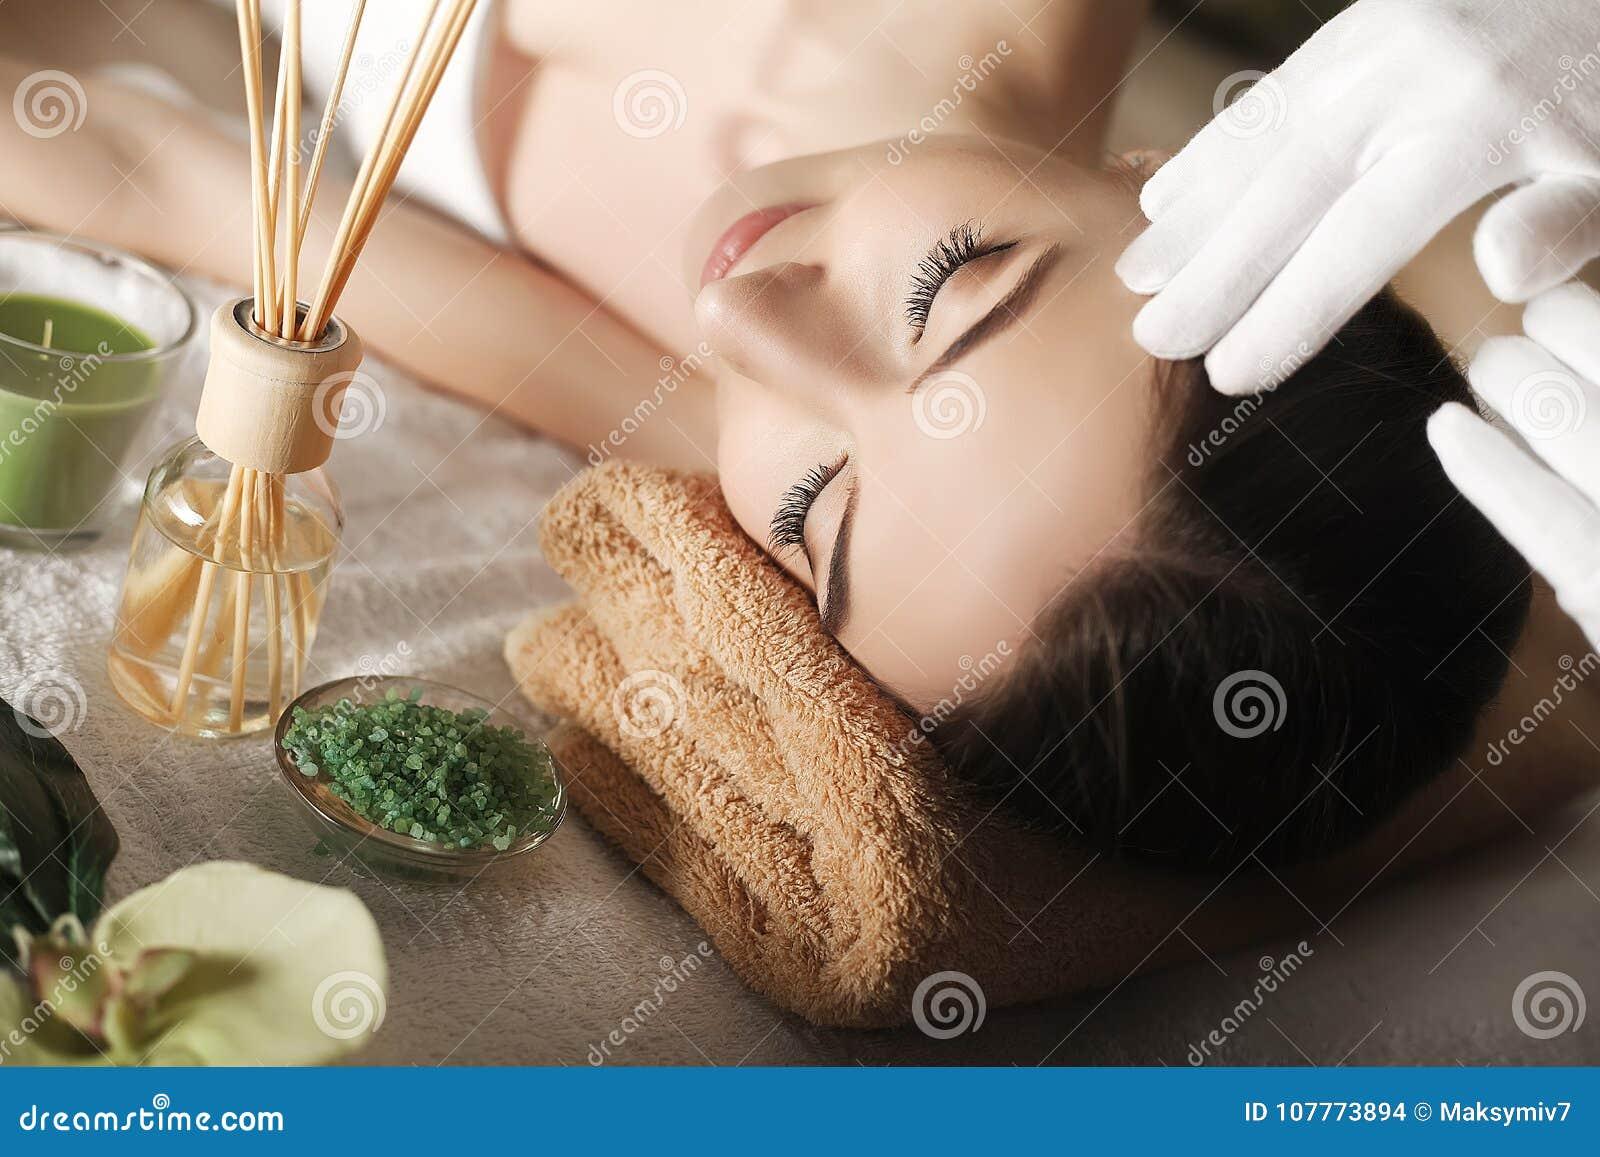 Spa Närbild av en ung kvinna som får Spa behandling Spa hud och kroppomsorg Närbild av ung wom